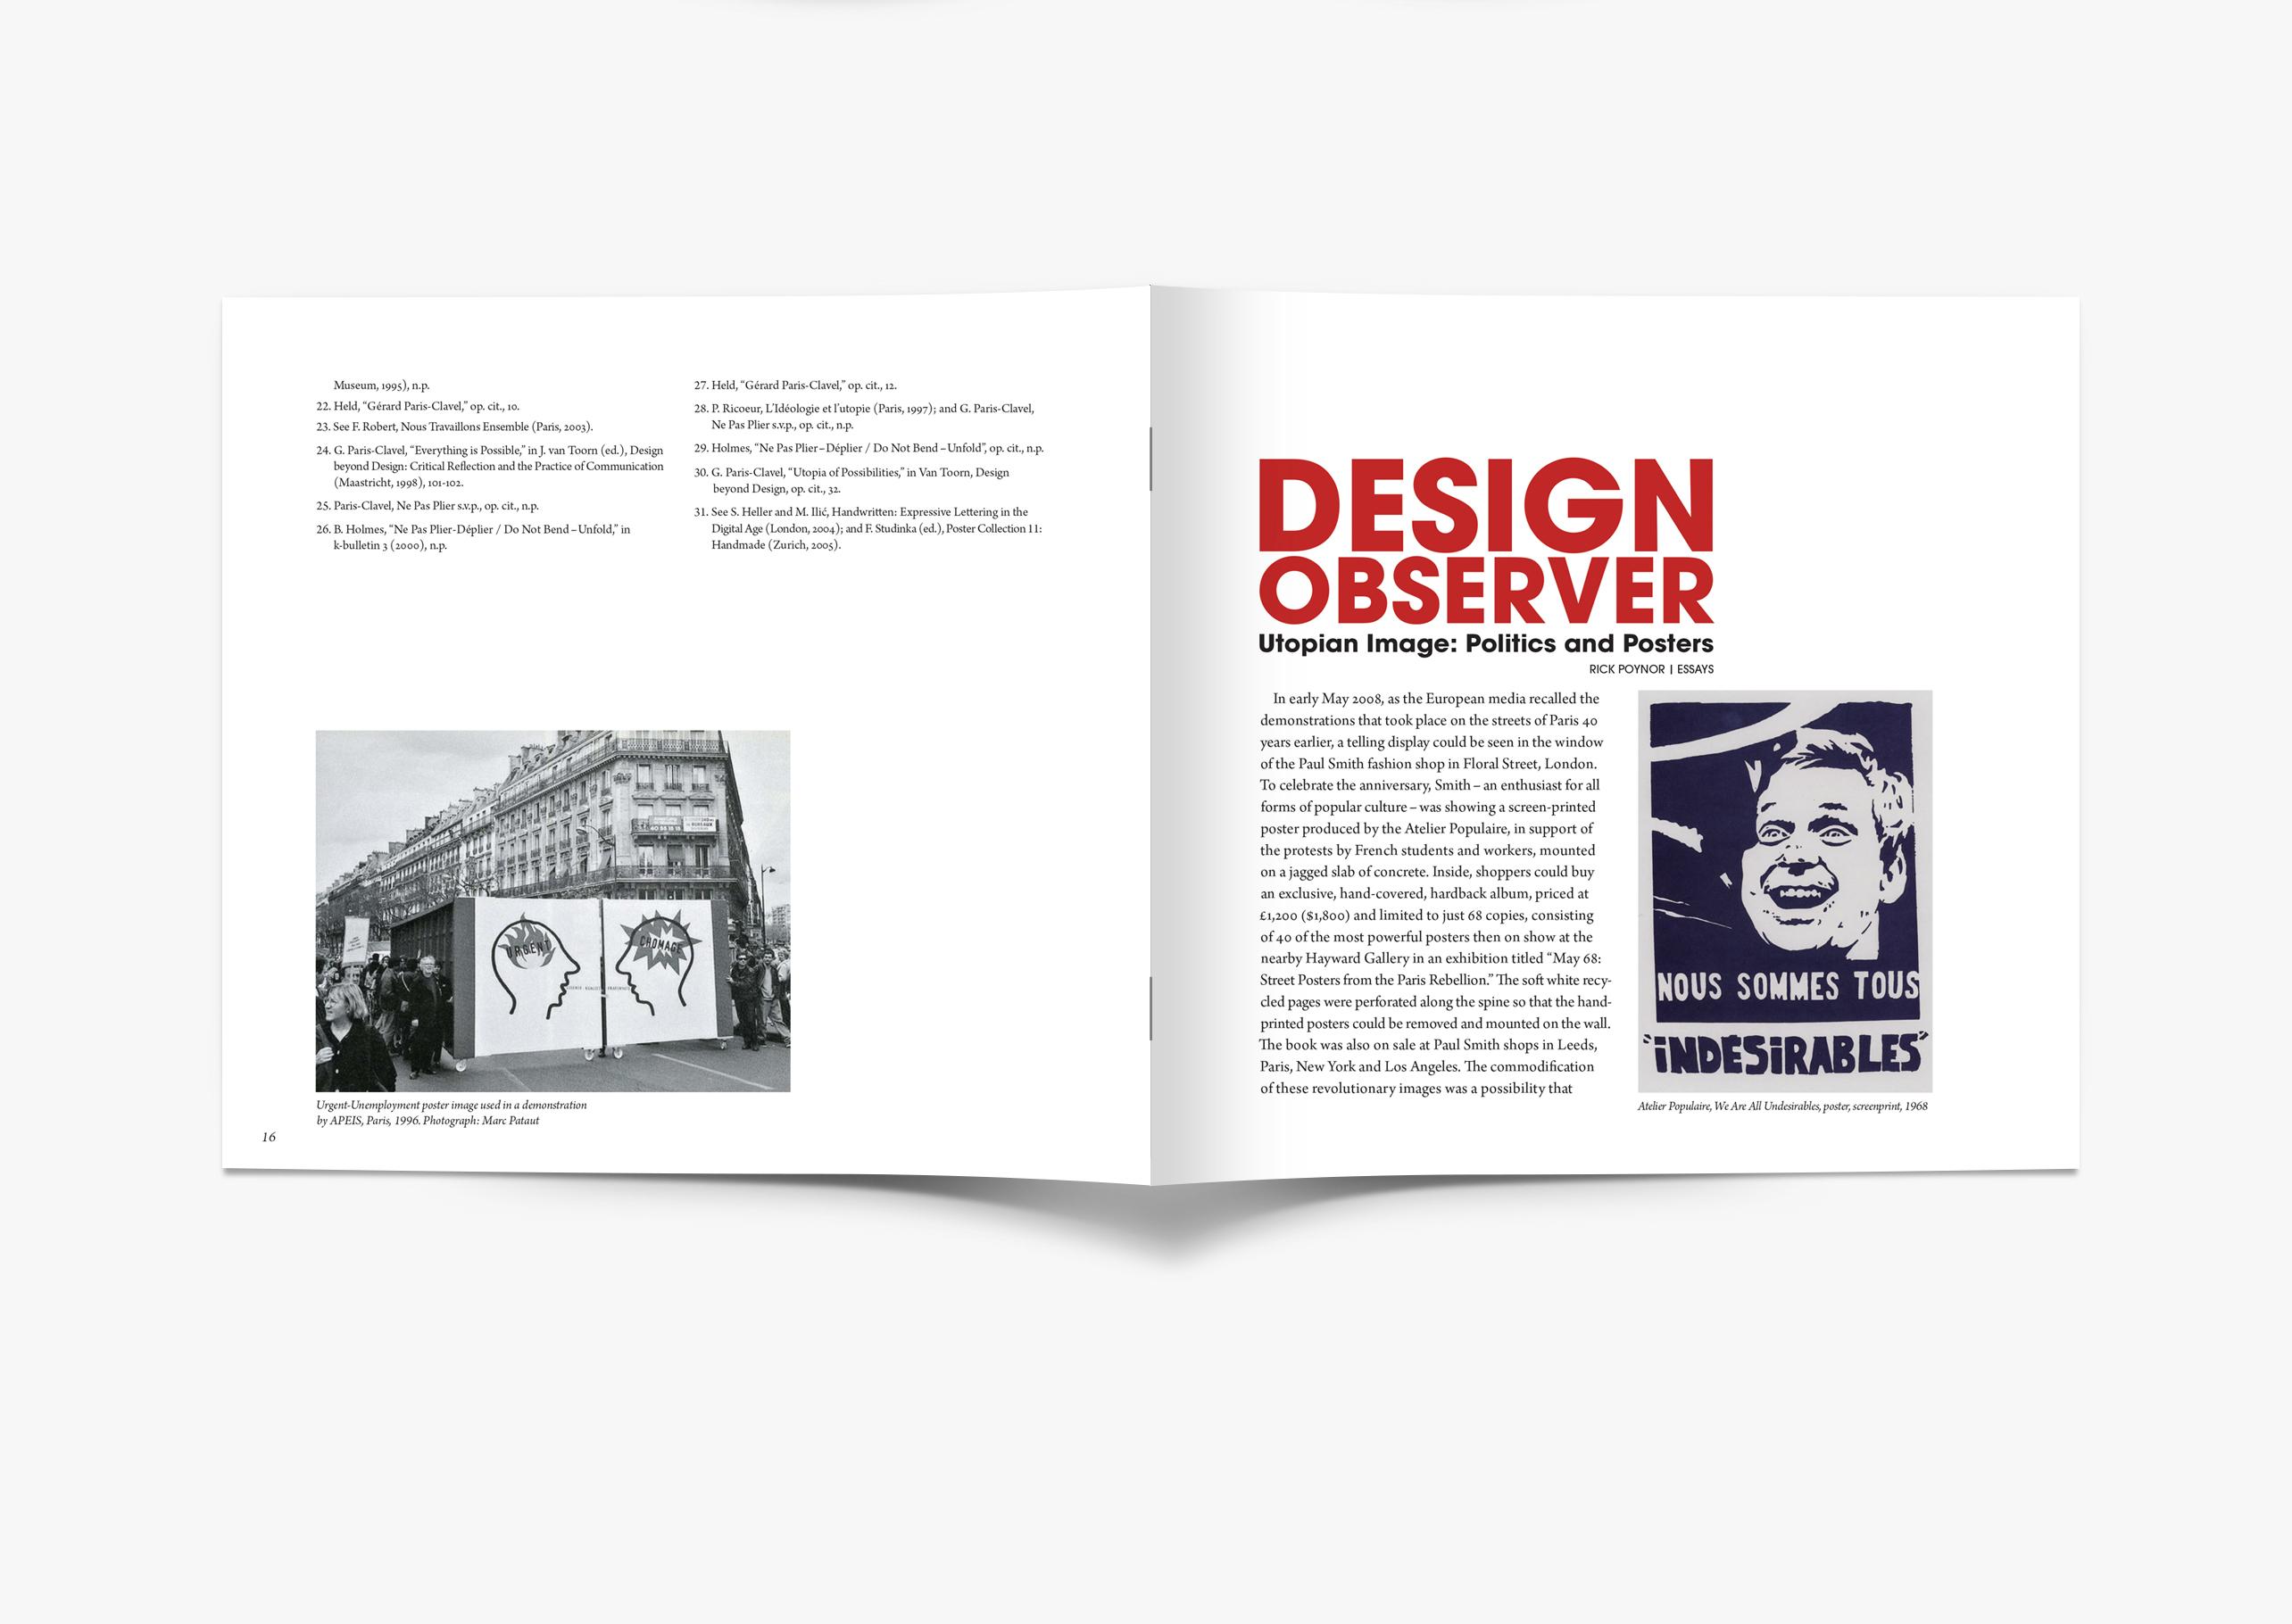 Design Observer Booklet on Behance